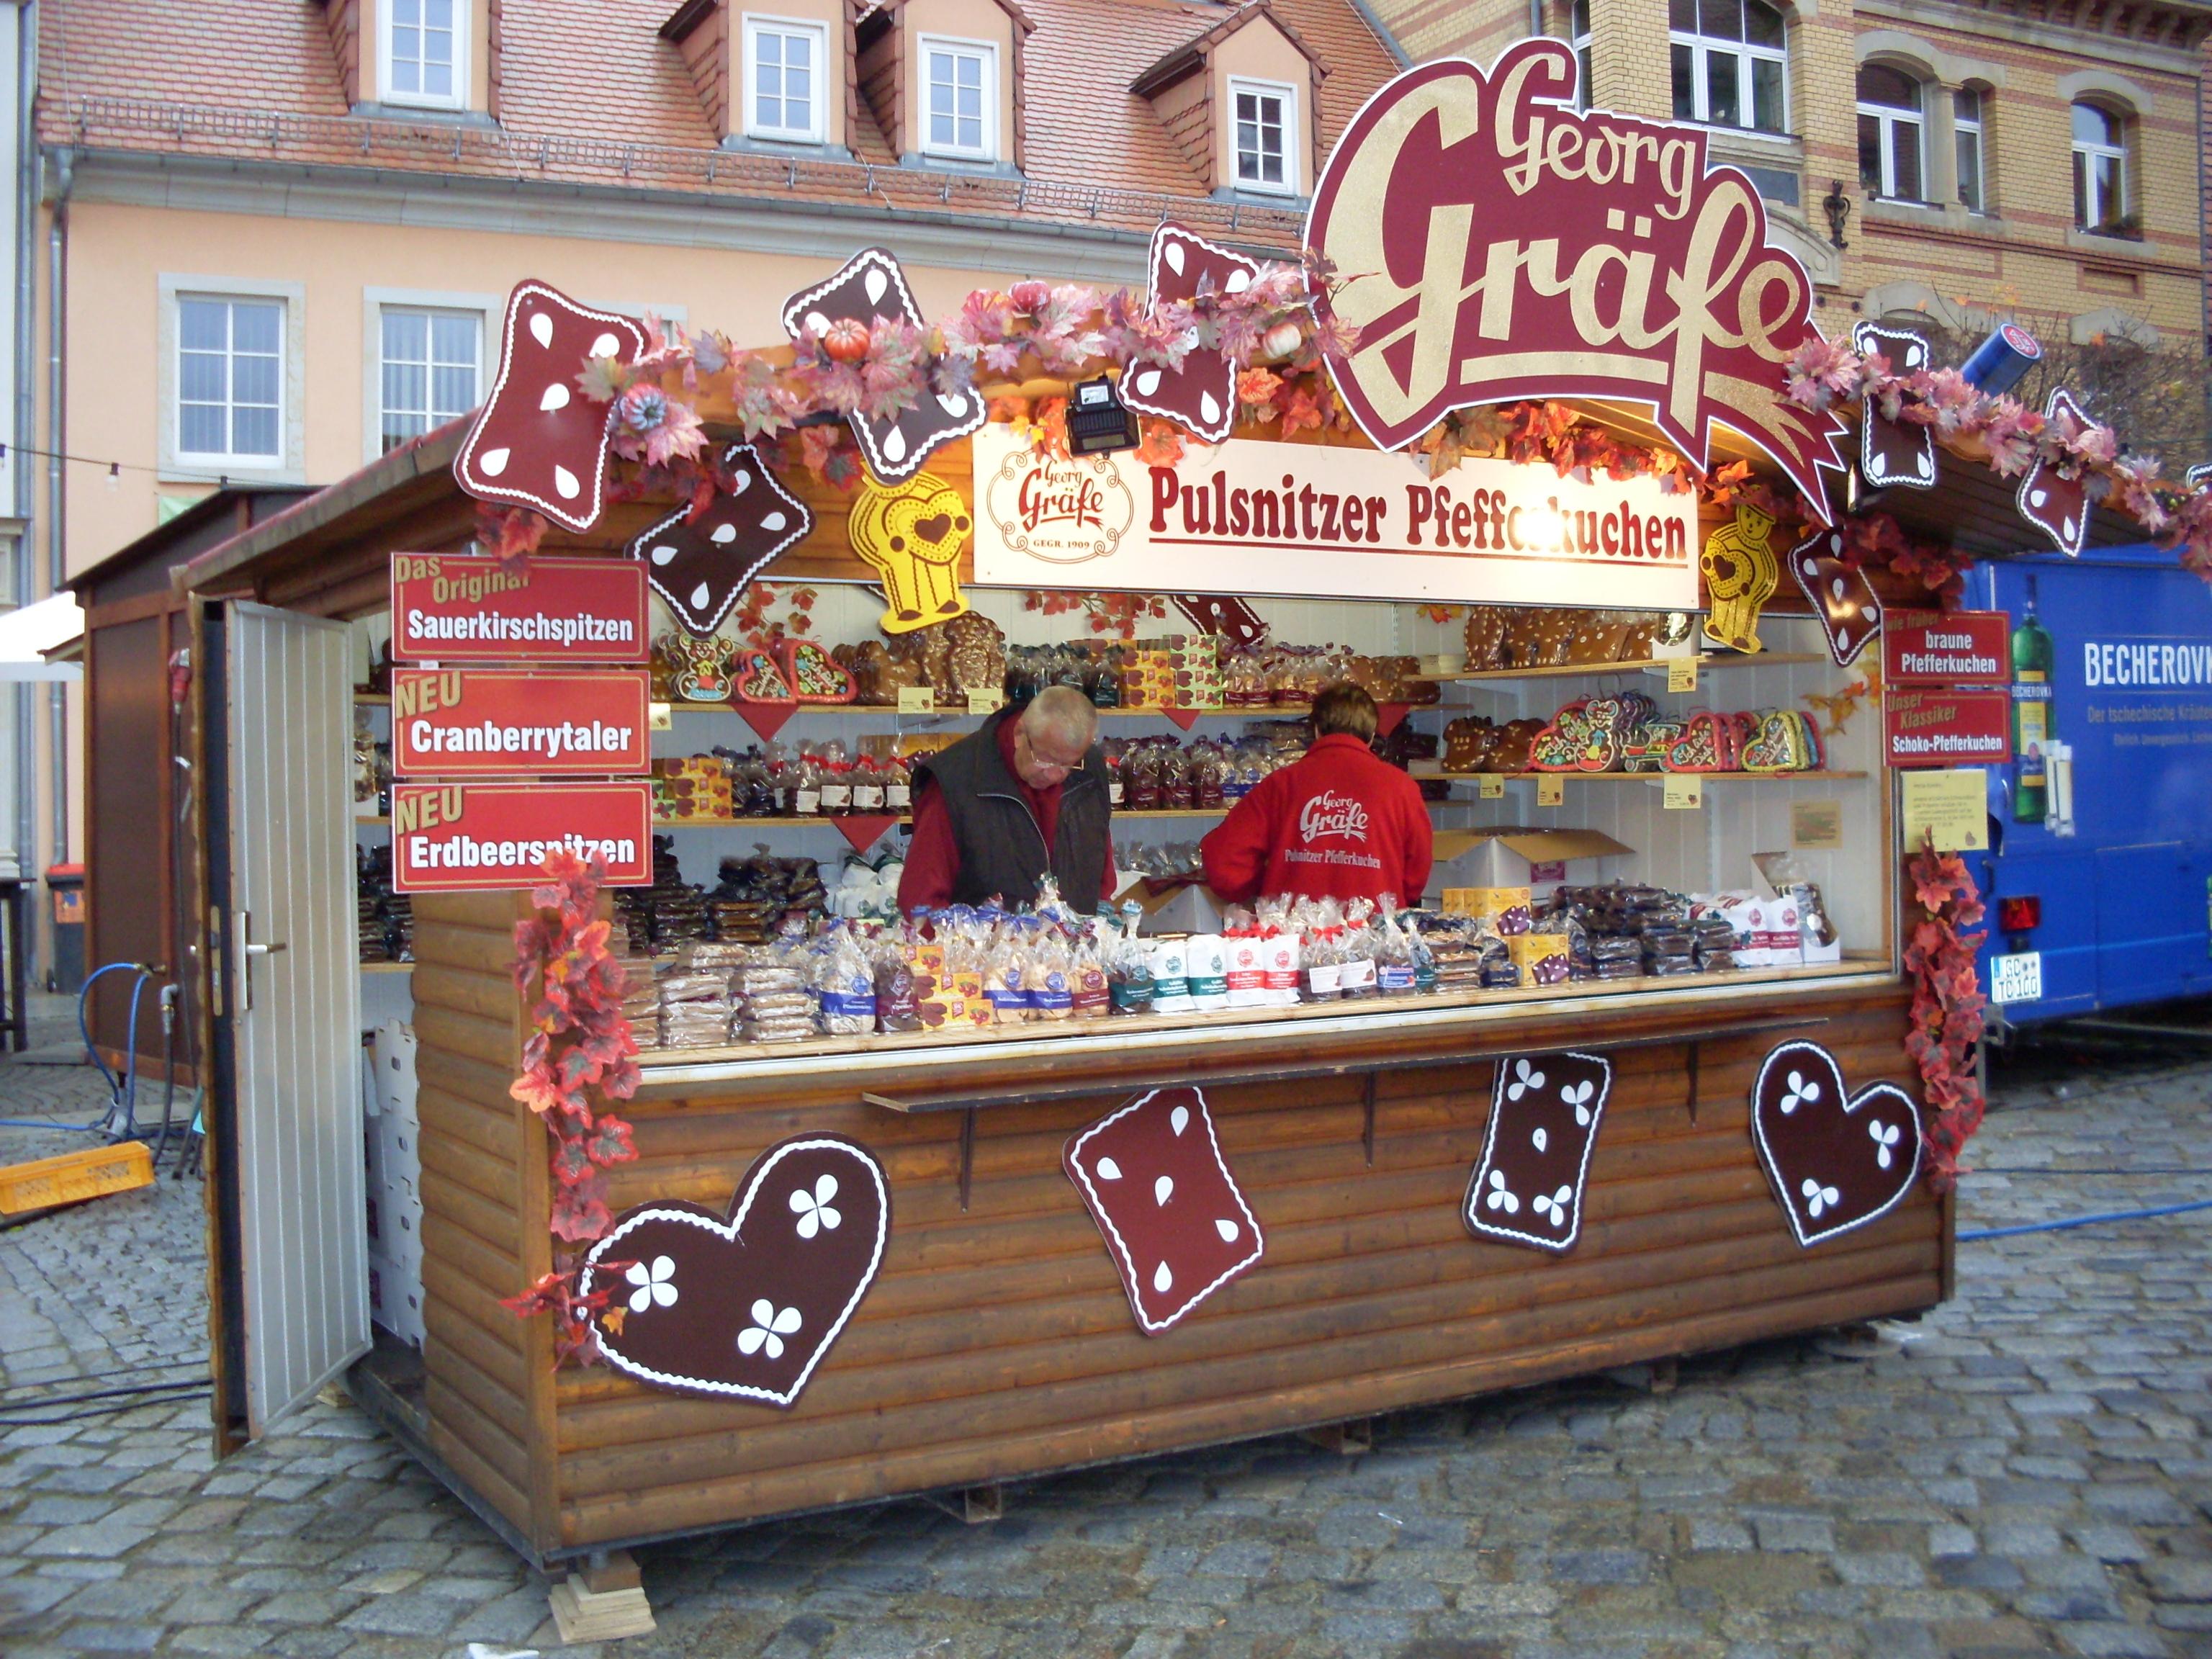 Georg Gräfe Stand auf dem Pfefferkuchenmarkt in Puslnitz